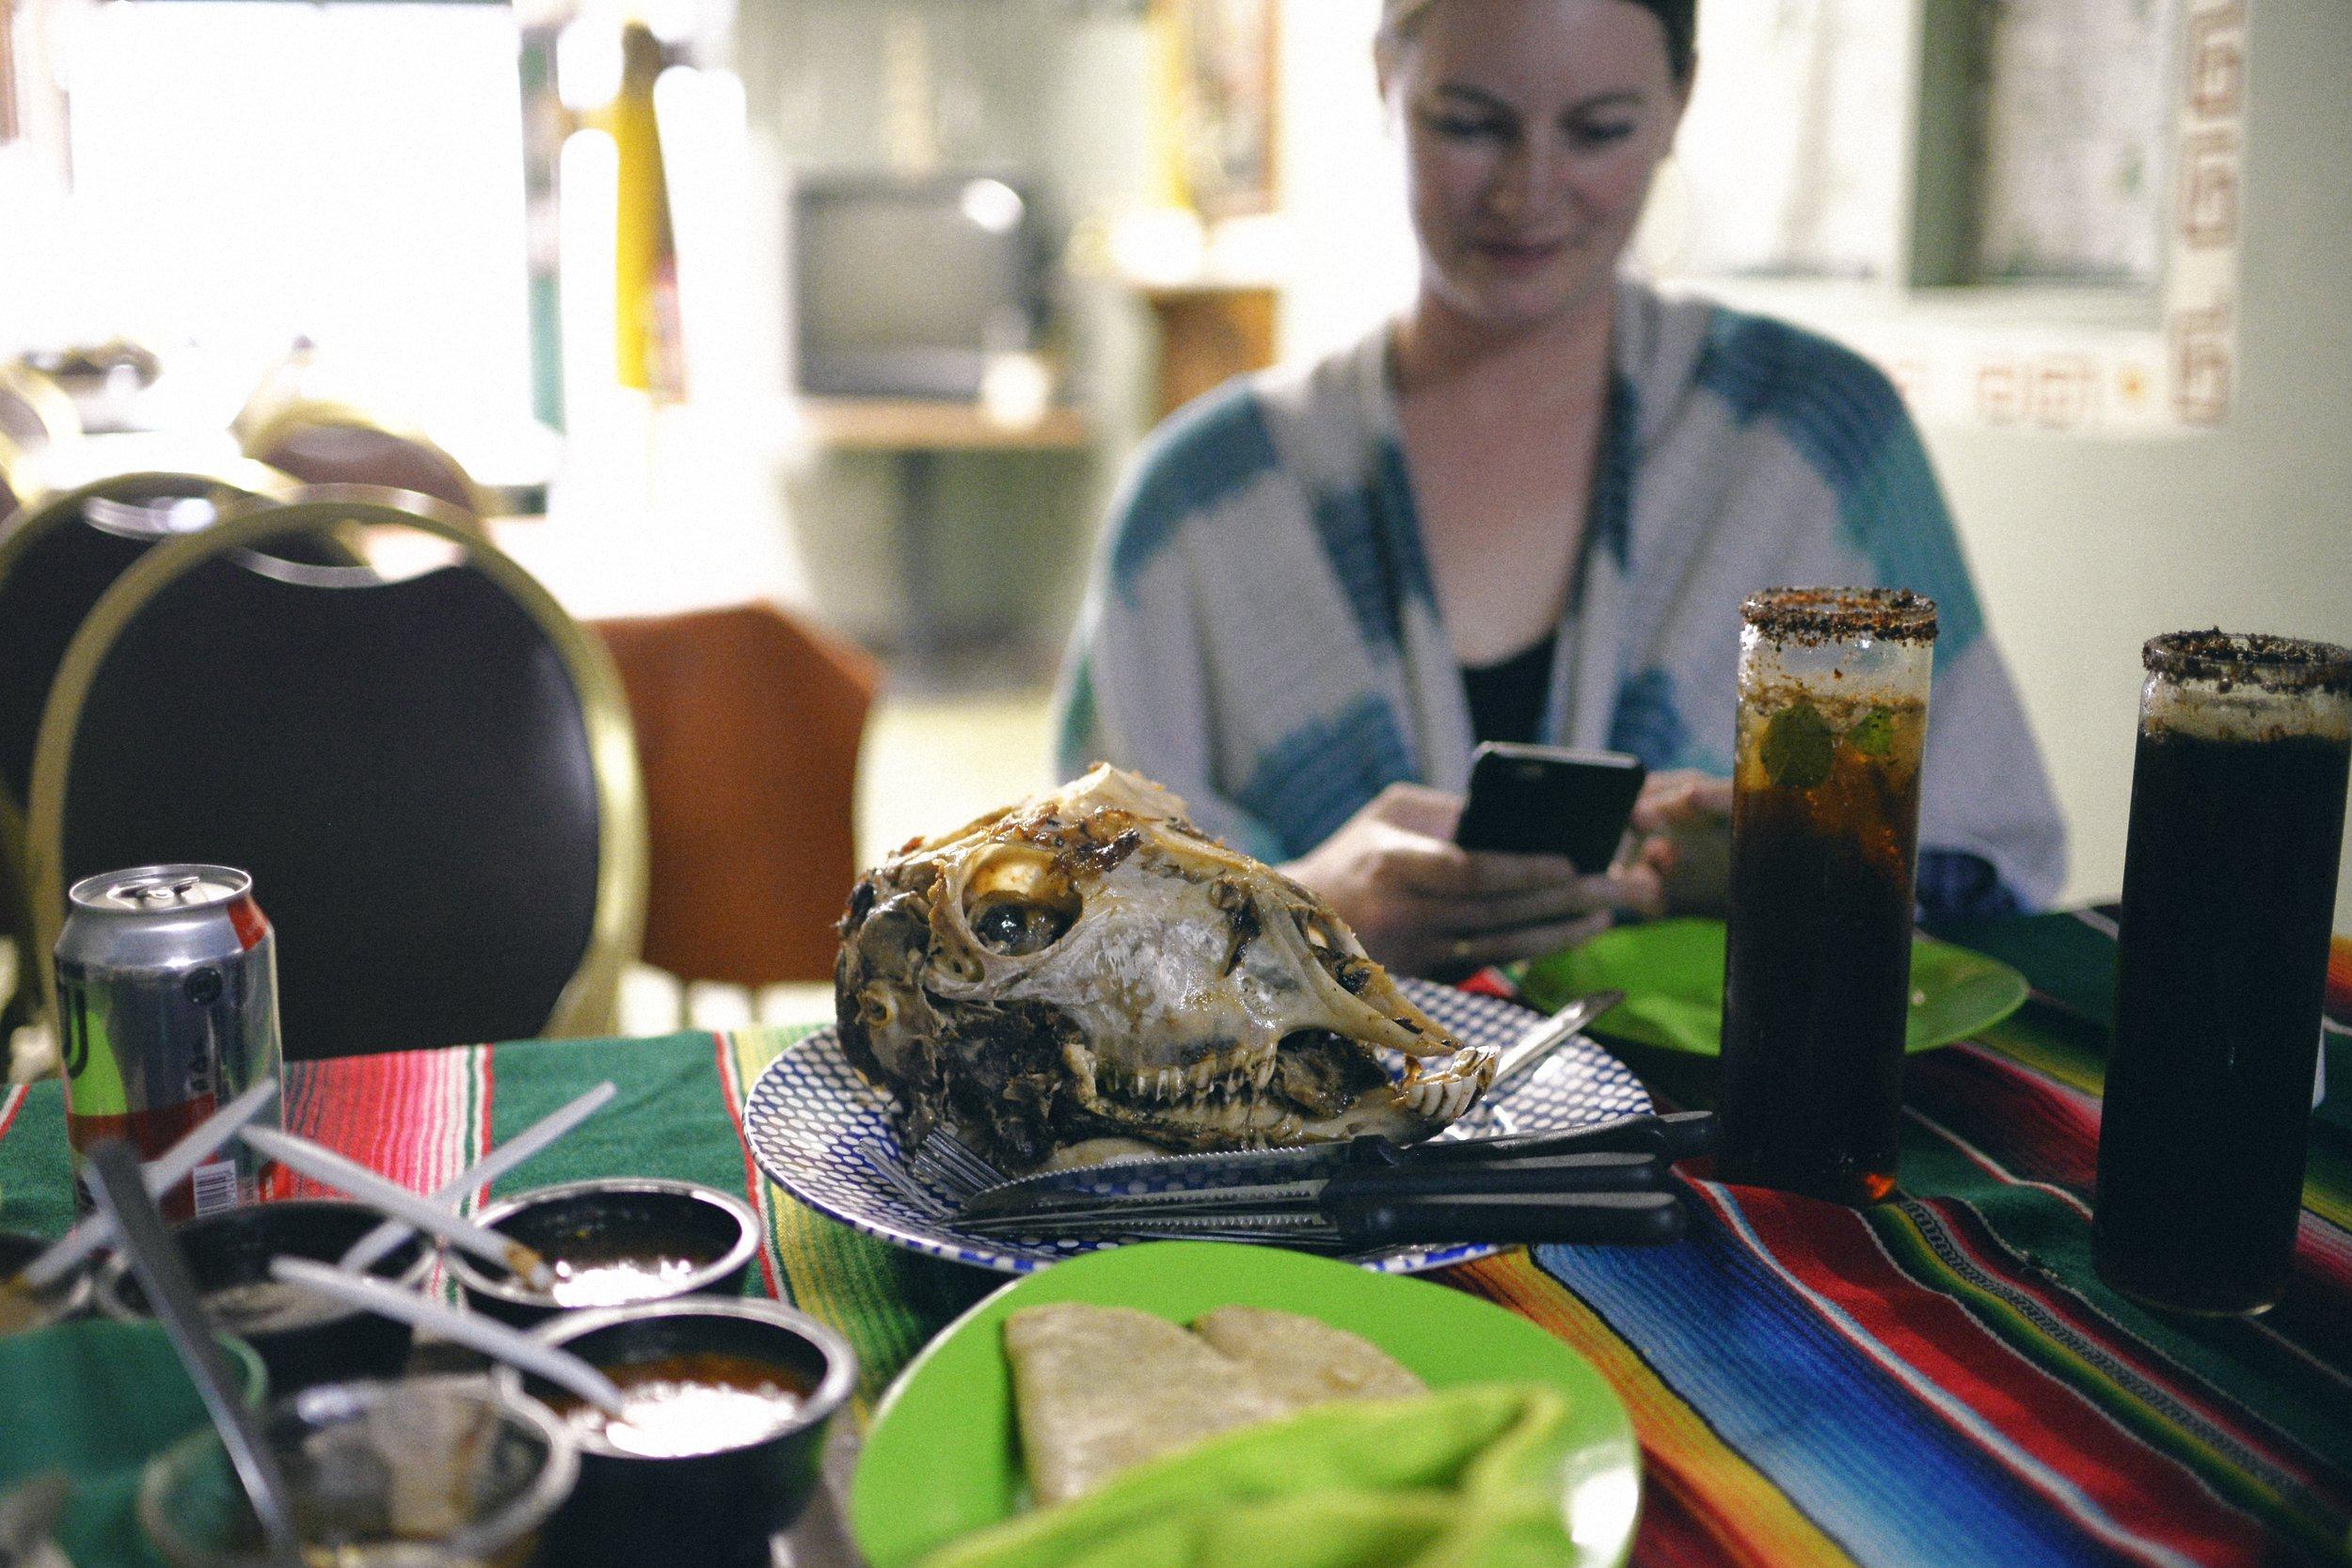 Tacos de cabeza de borrego (and me, obviously instagramming) at Tacos de Huitzilopochtli